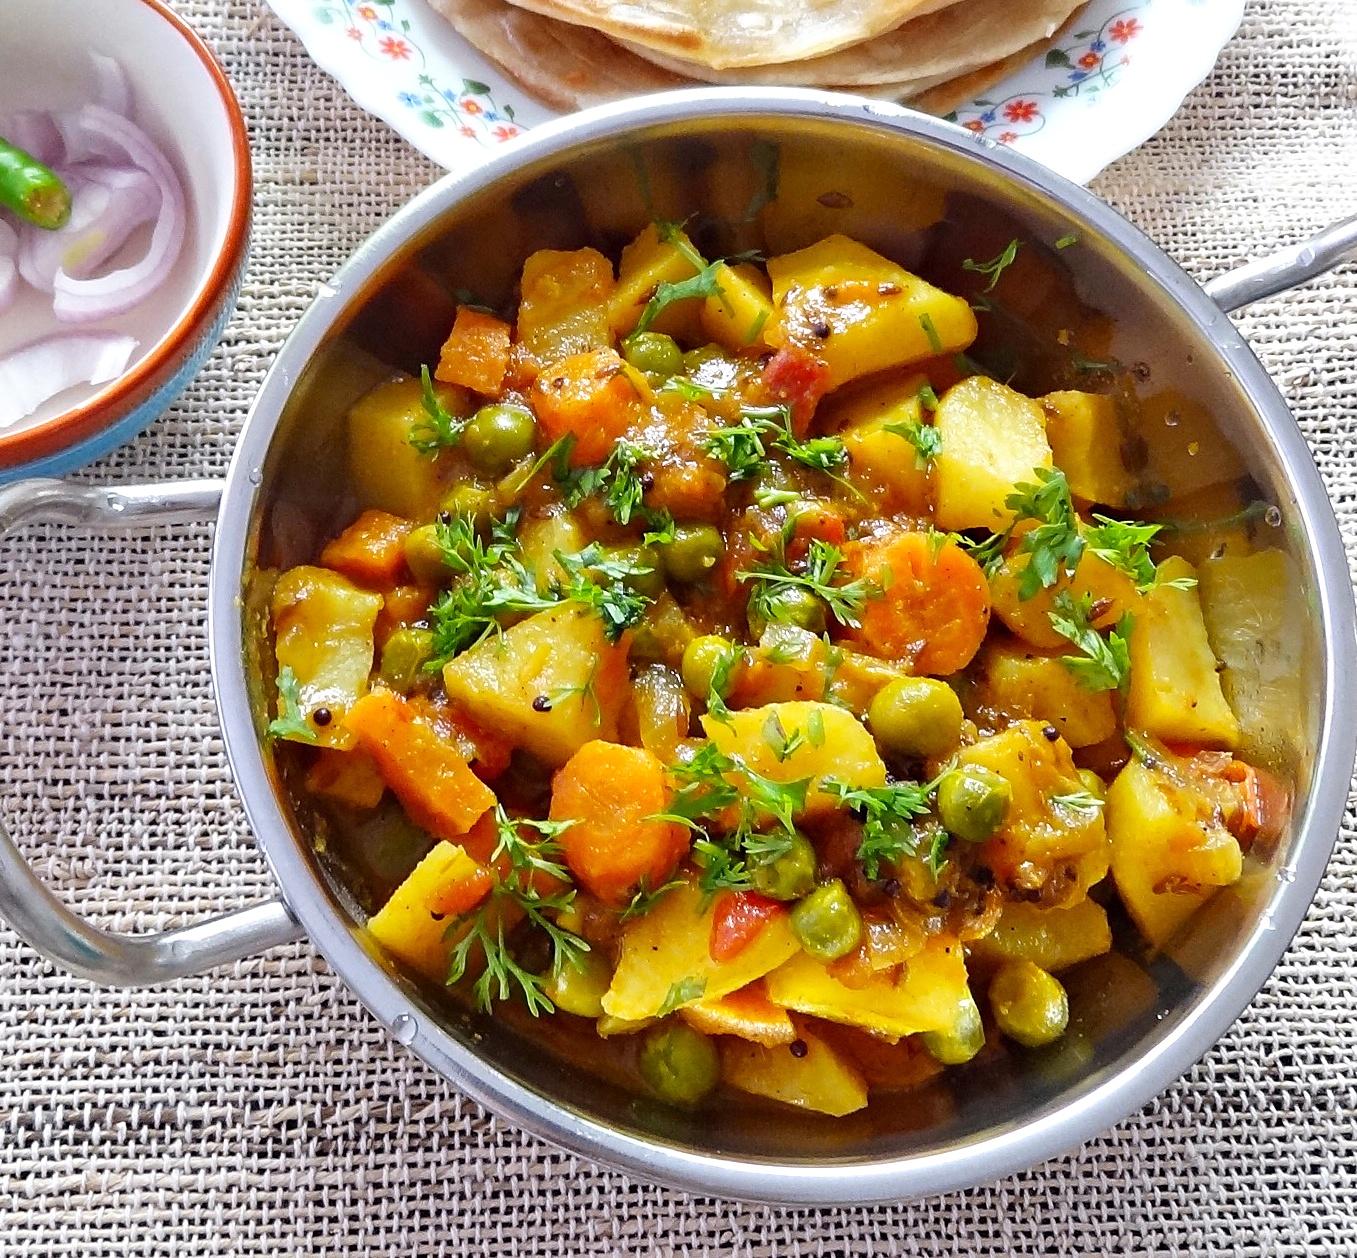 Aloo gajar matar ki sabji- Dry potatoes, carrots and peas curry